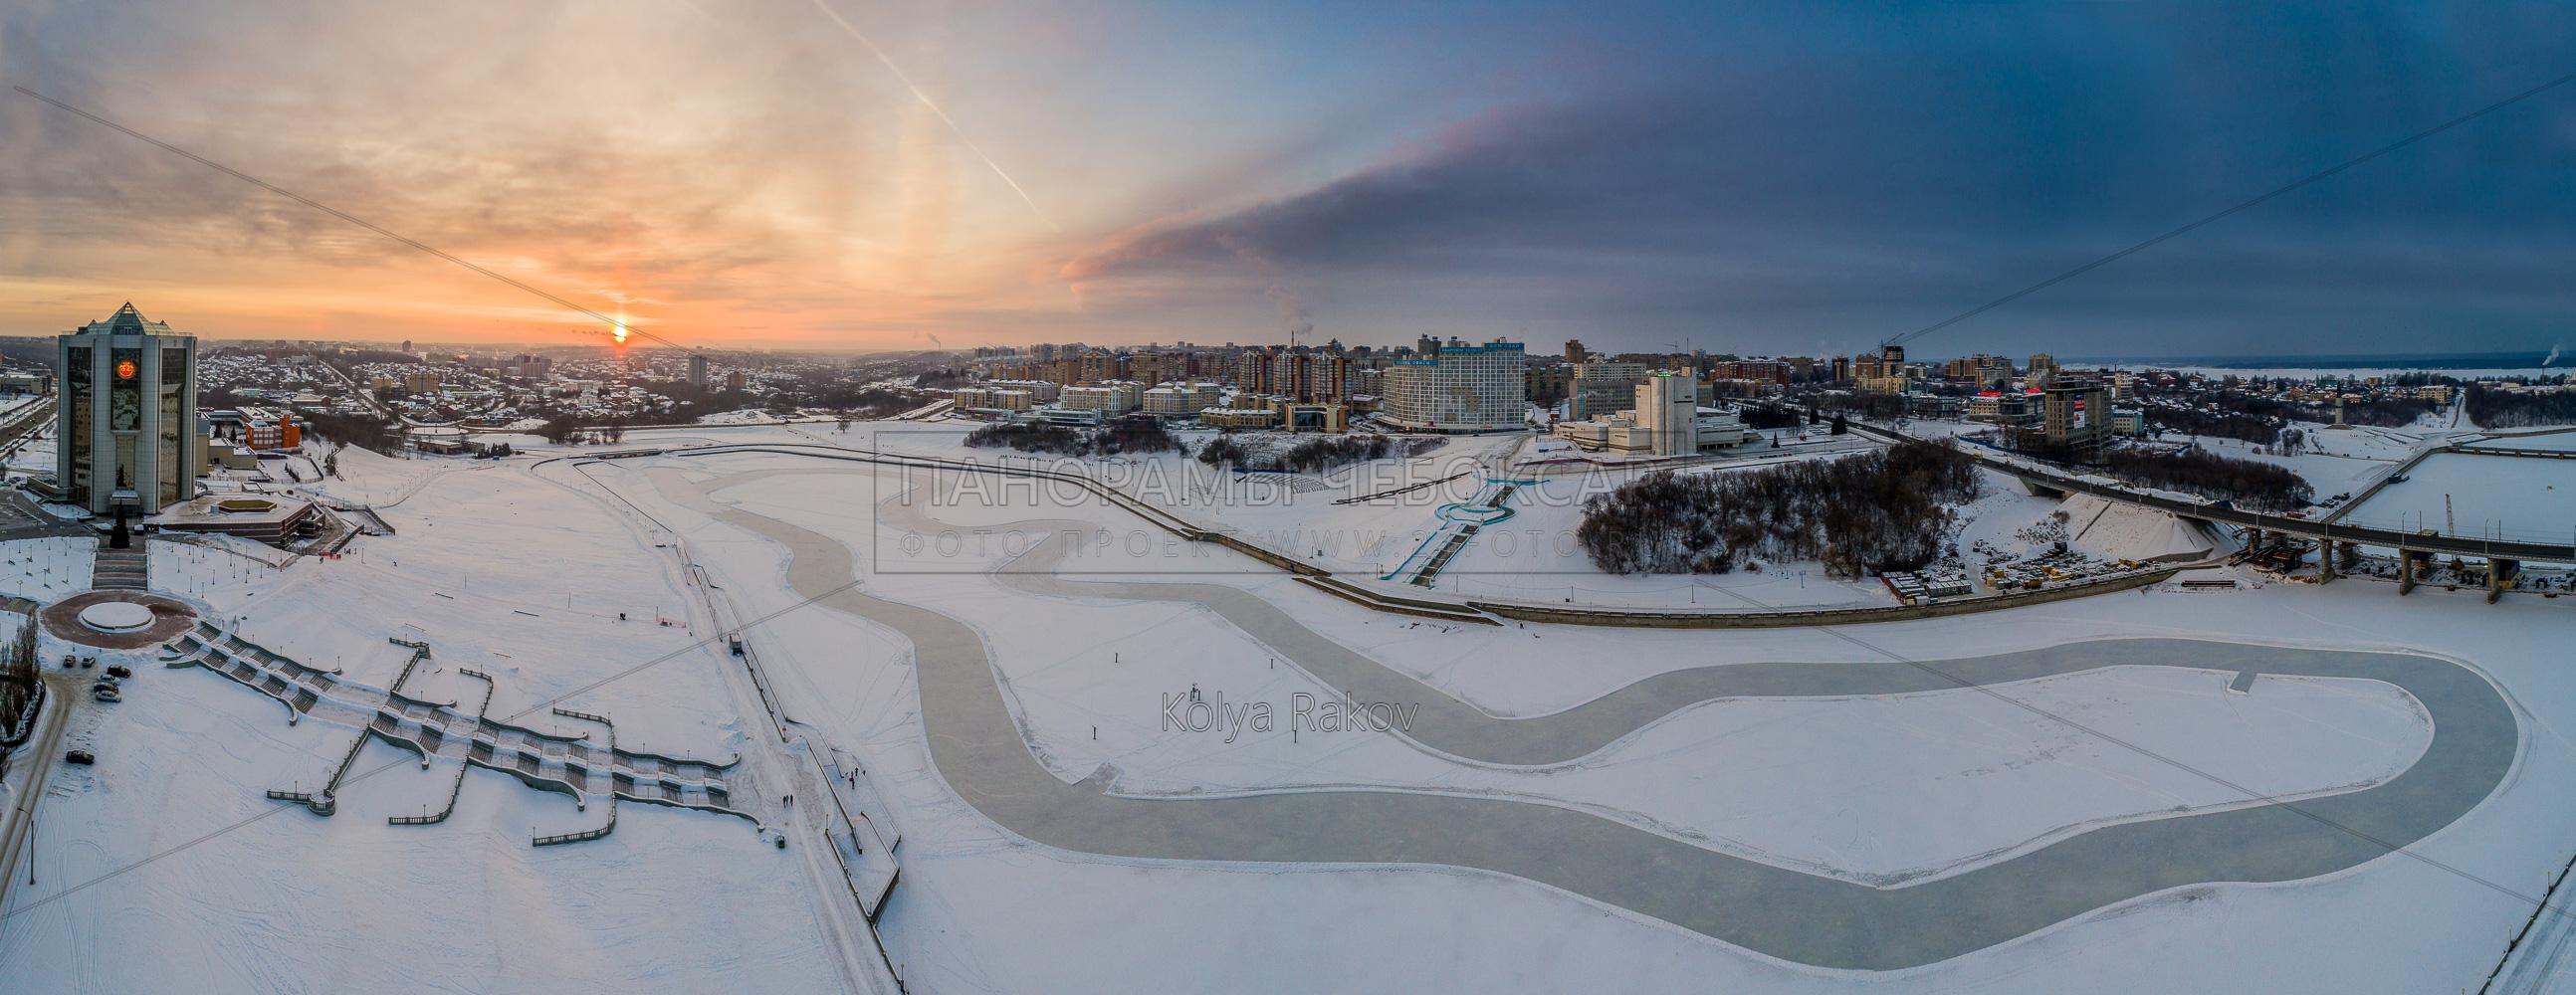 Ледовая трасса на Чебоксарском заливе зимой 2018, съёмка с высоты